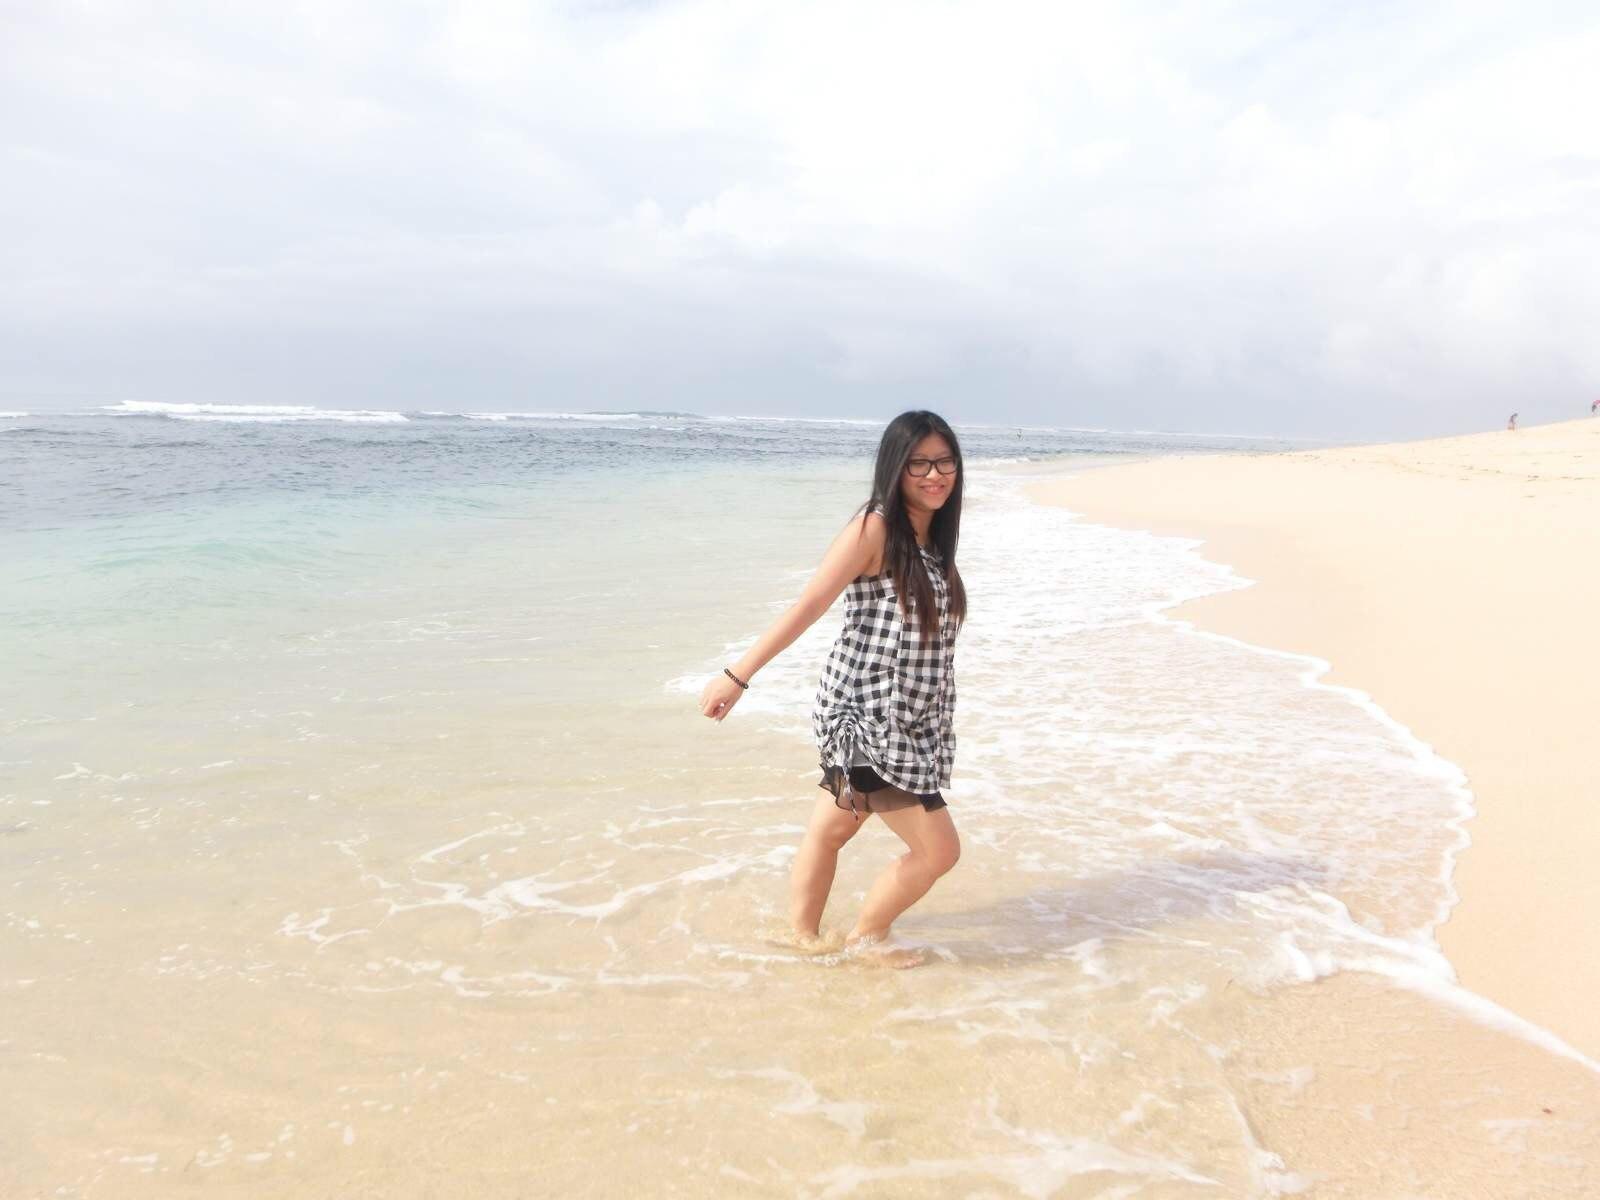 巴厘岛巴厘岛旅拍婚照蜜月